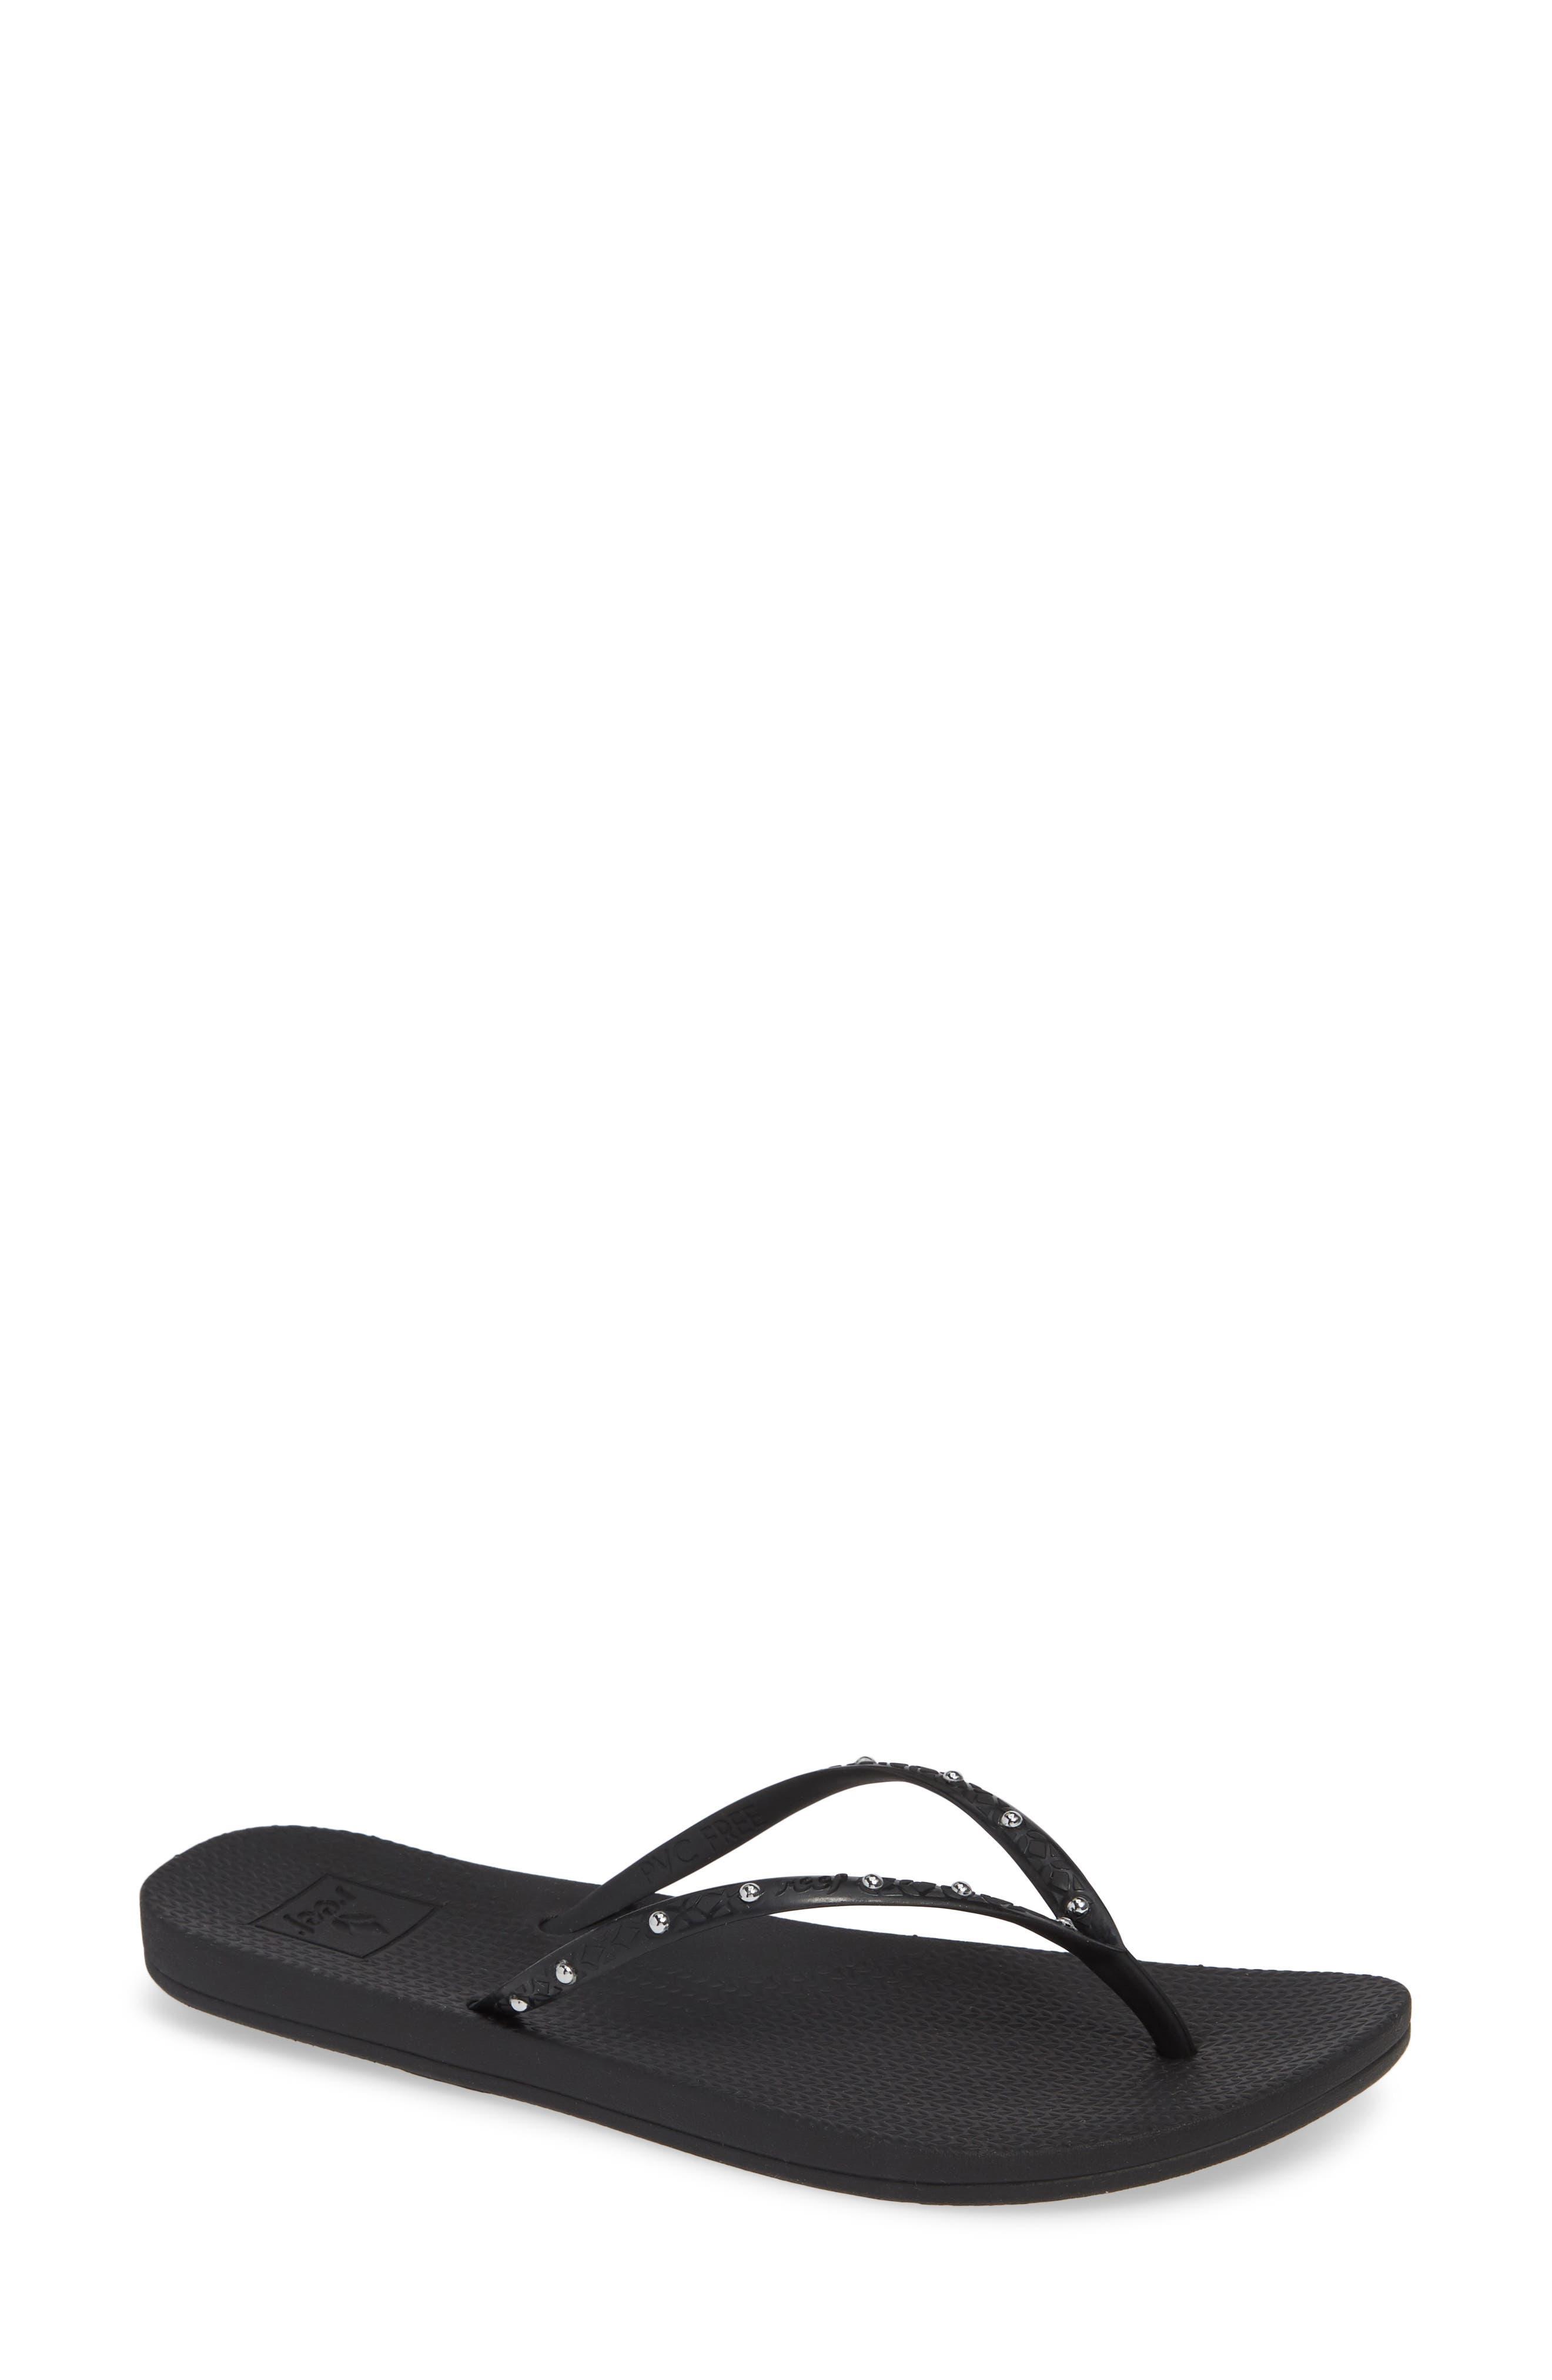 Escape Lux Studded Flip Flop,                         Main,                         color, BLACK/ SILVER